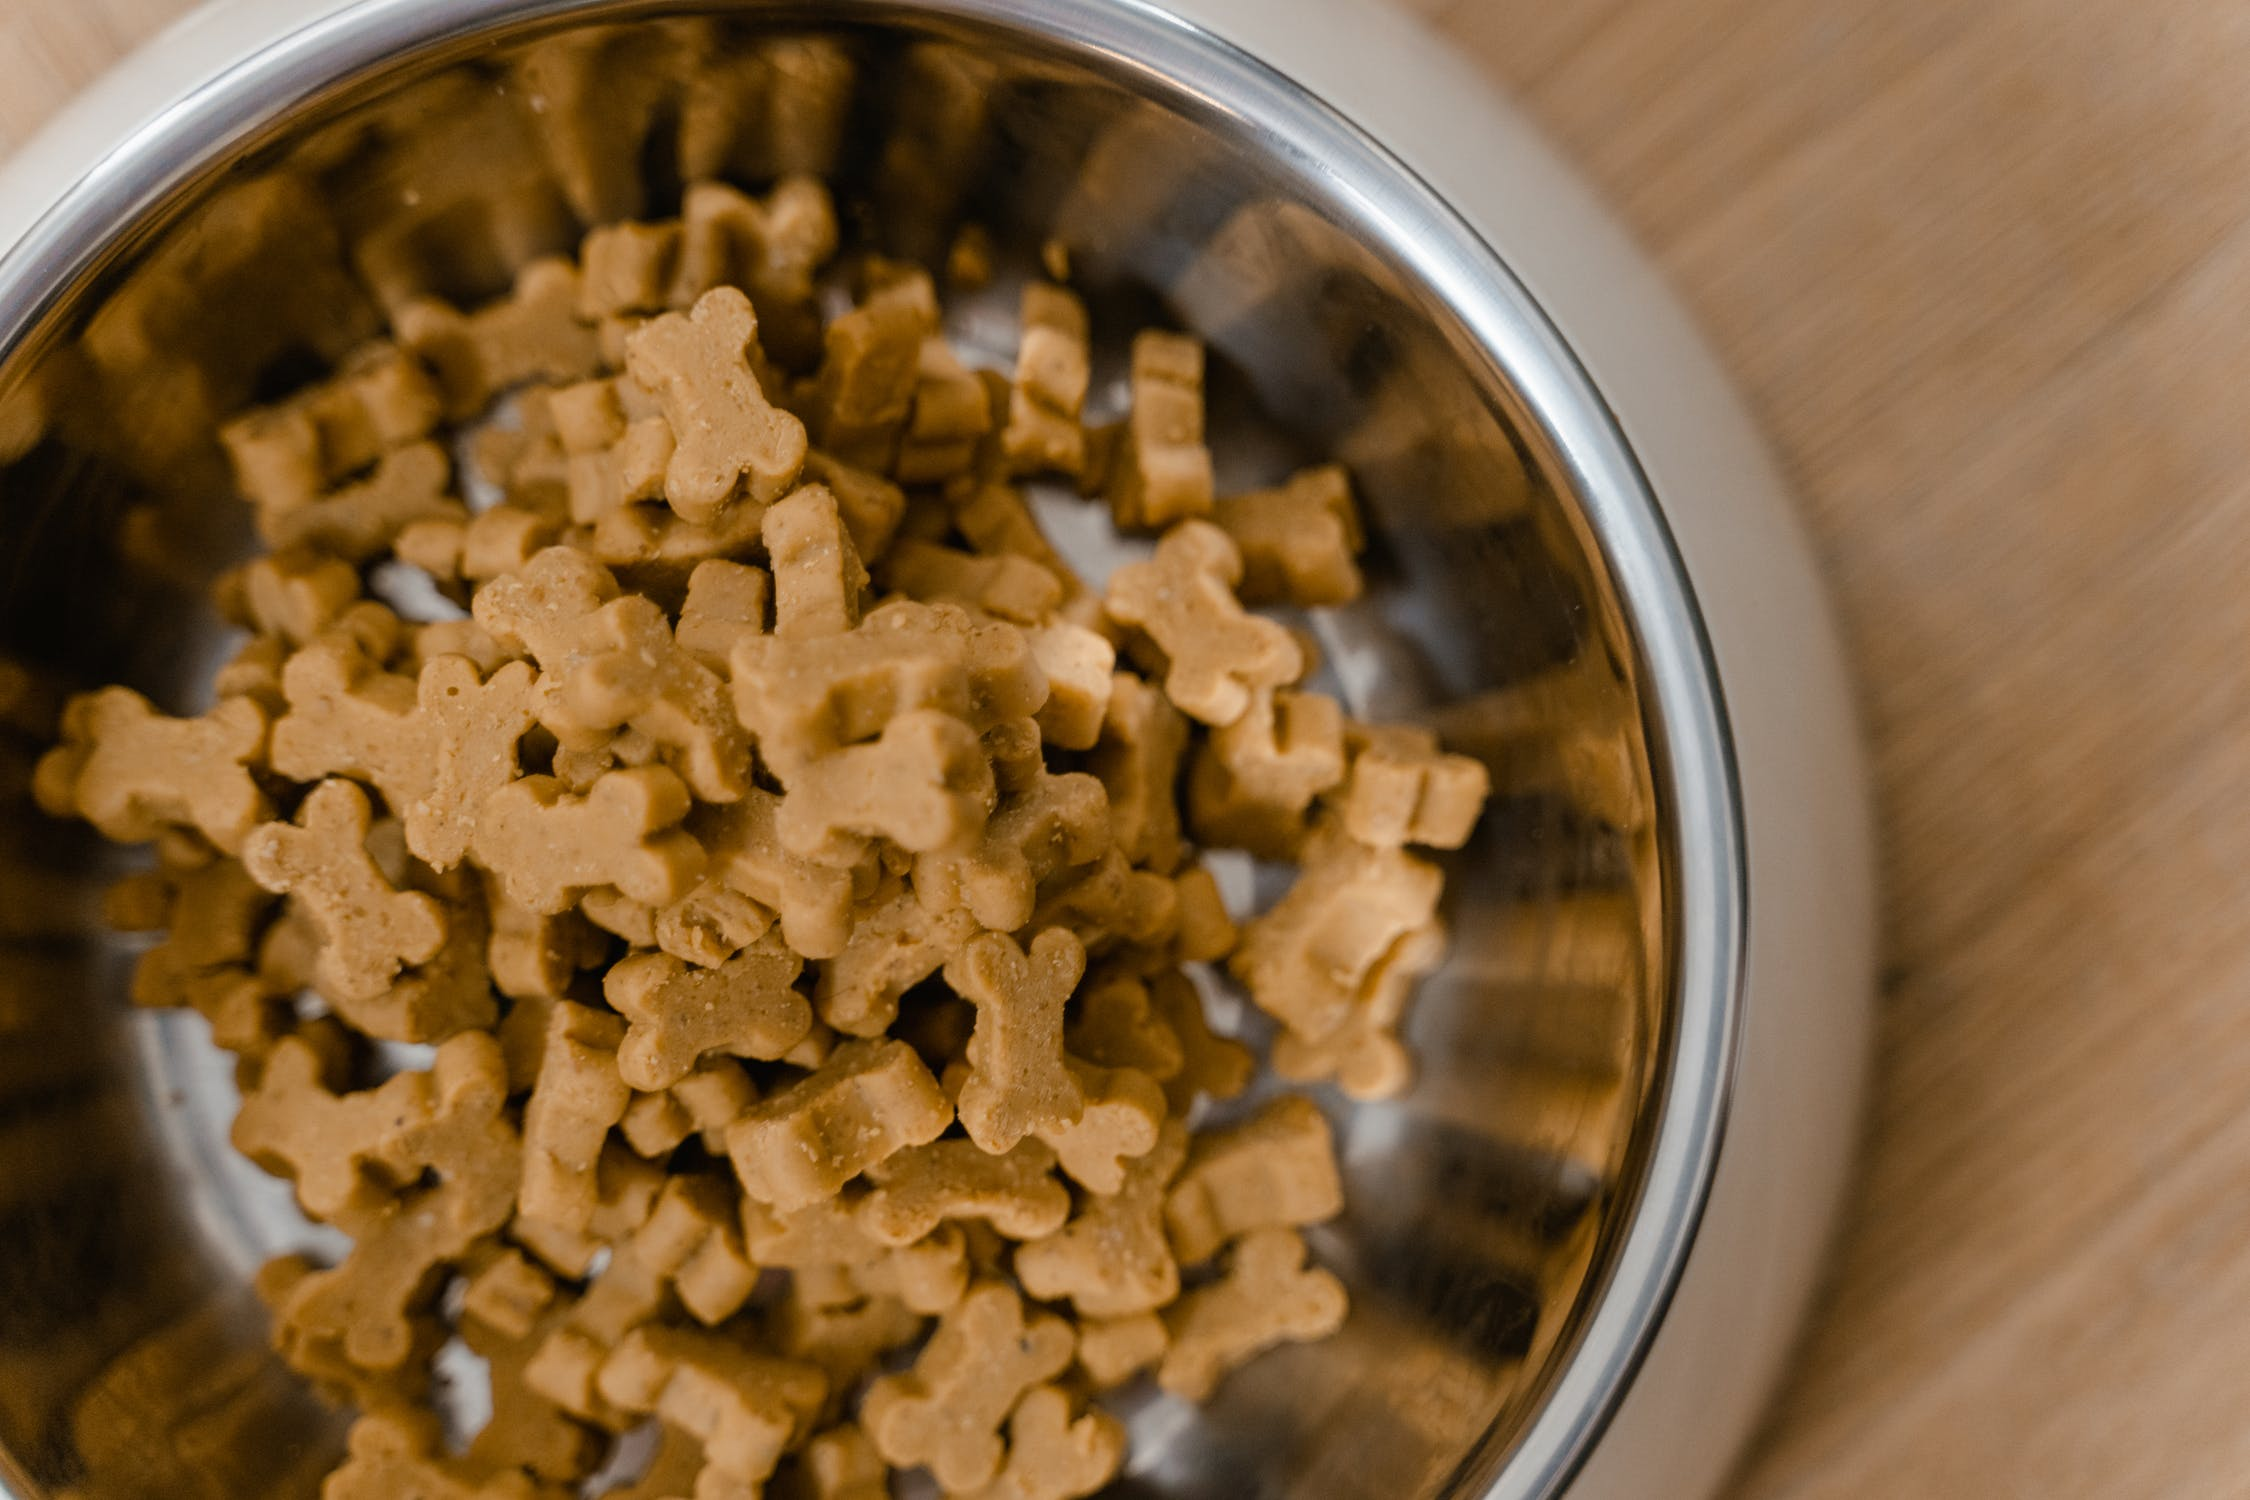 bowl of wet dog food